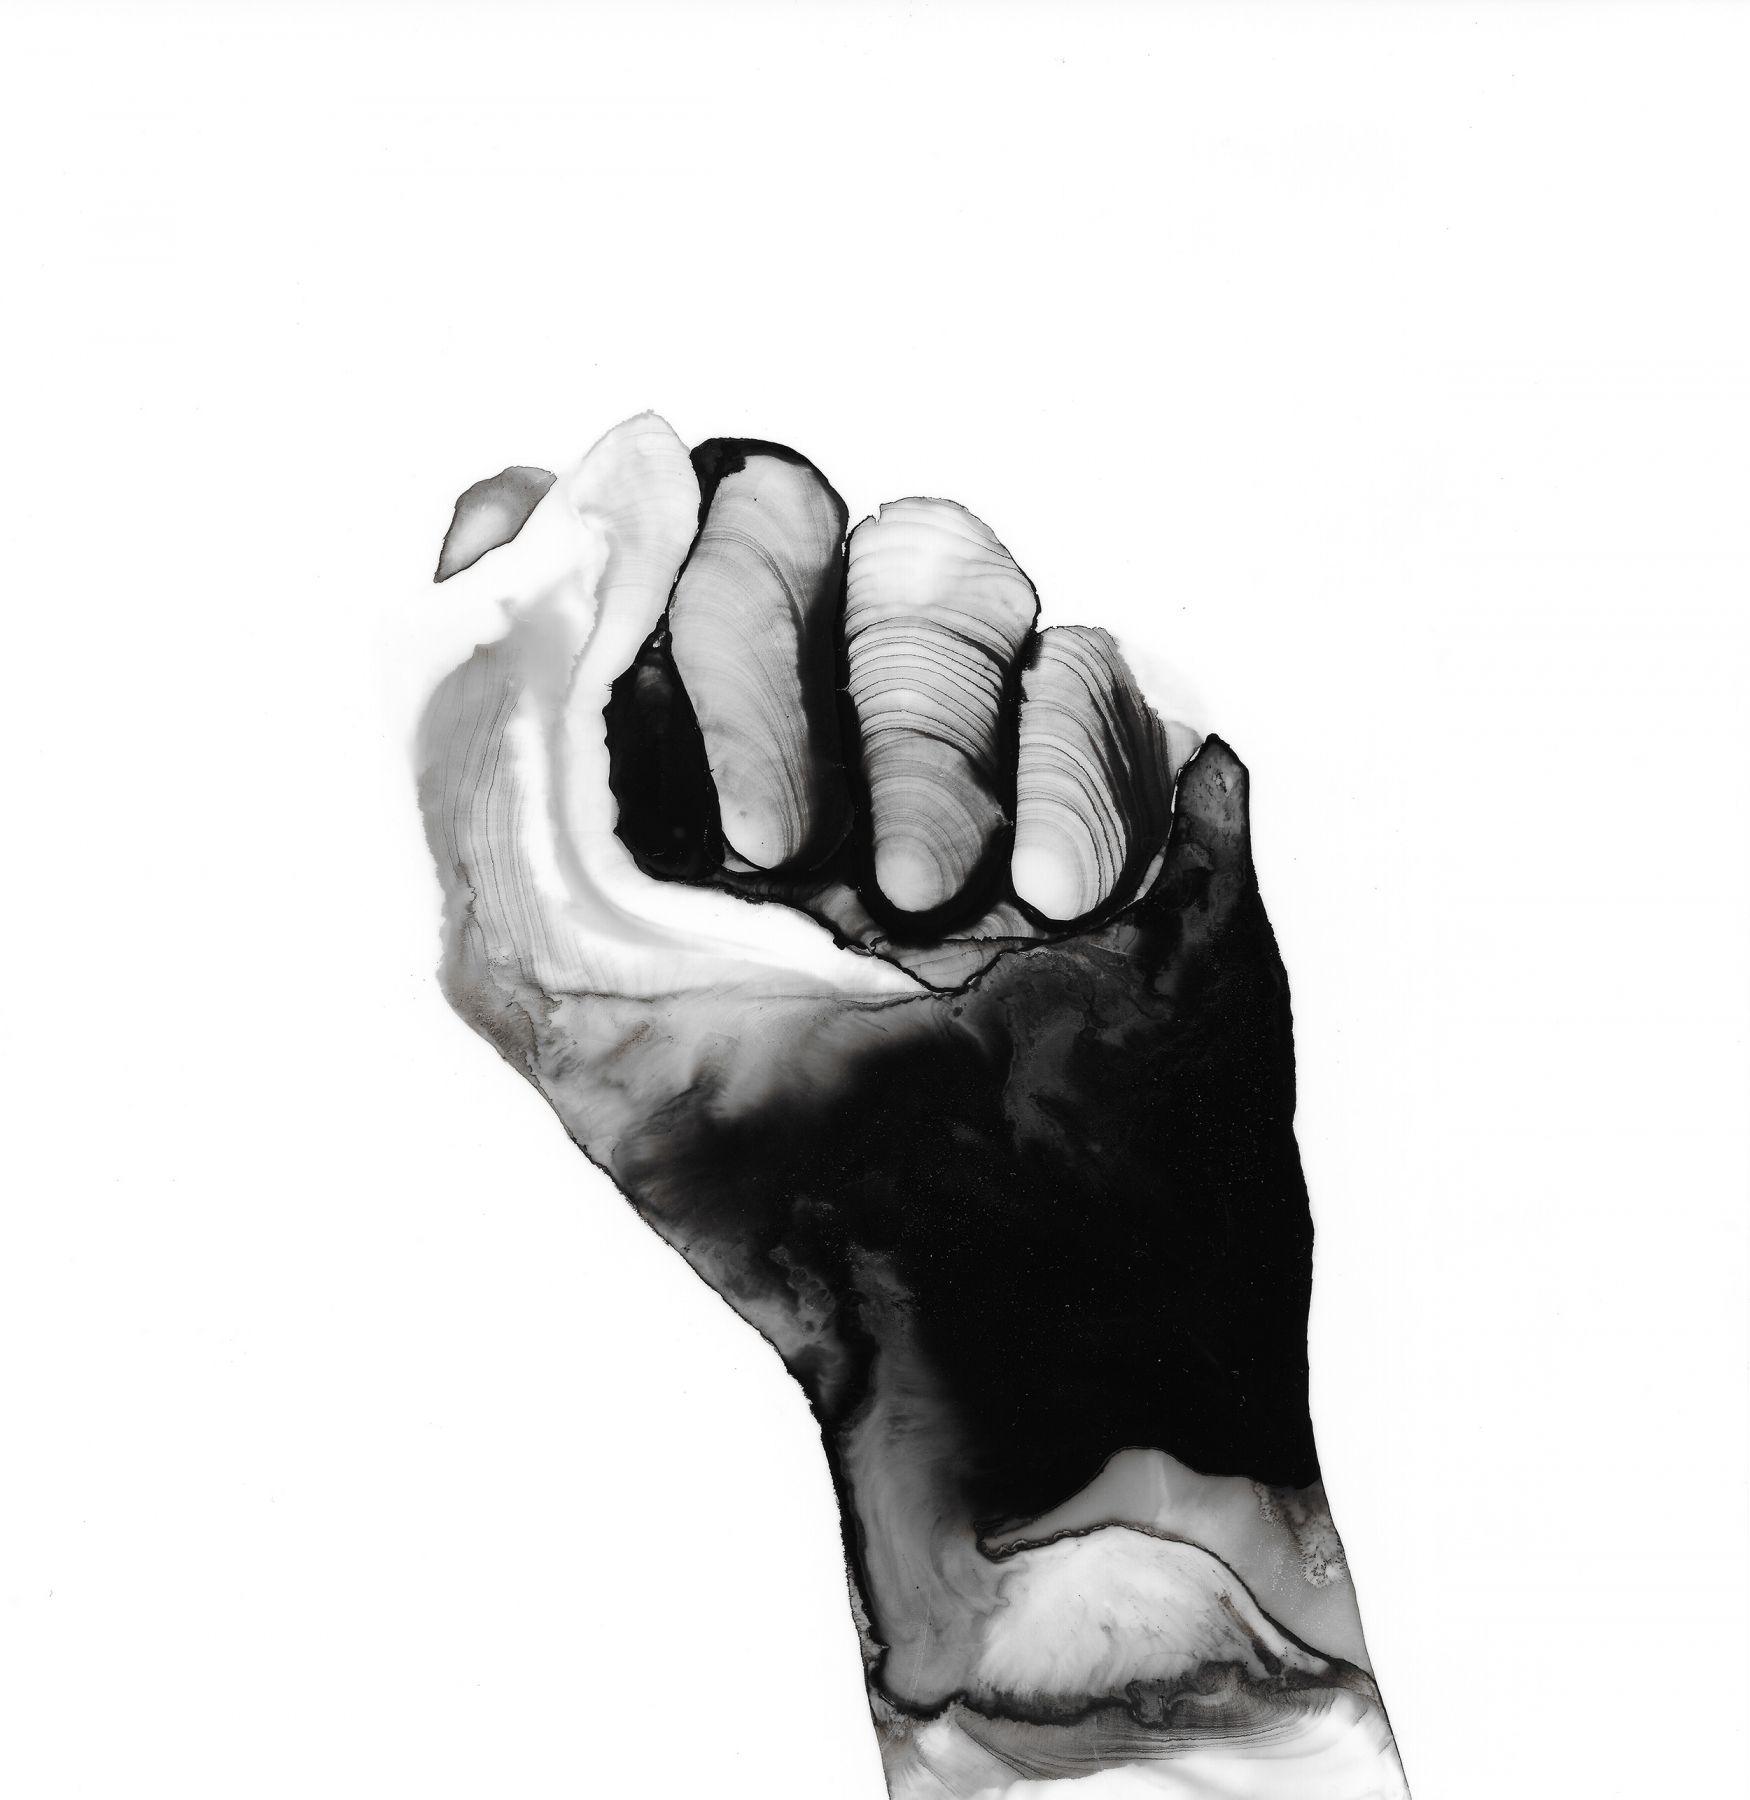 Wall - Fist 1_3_17